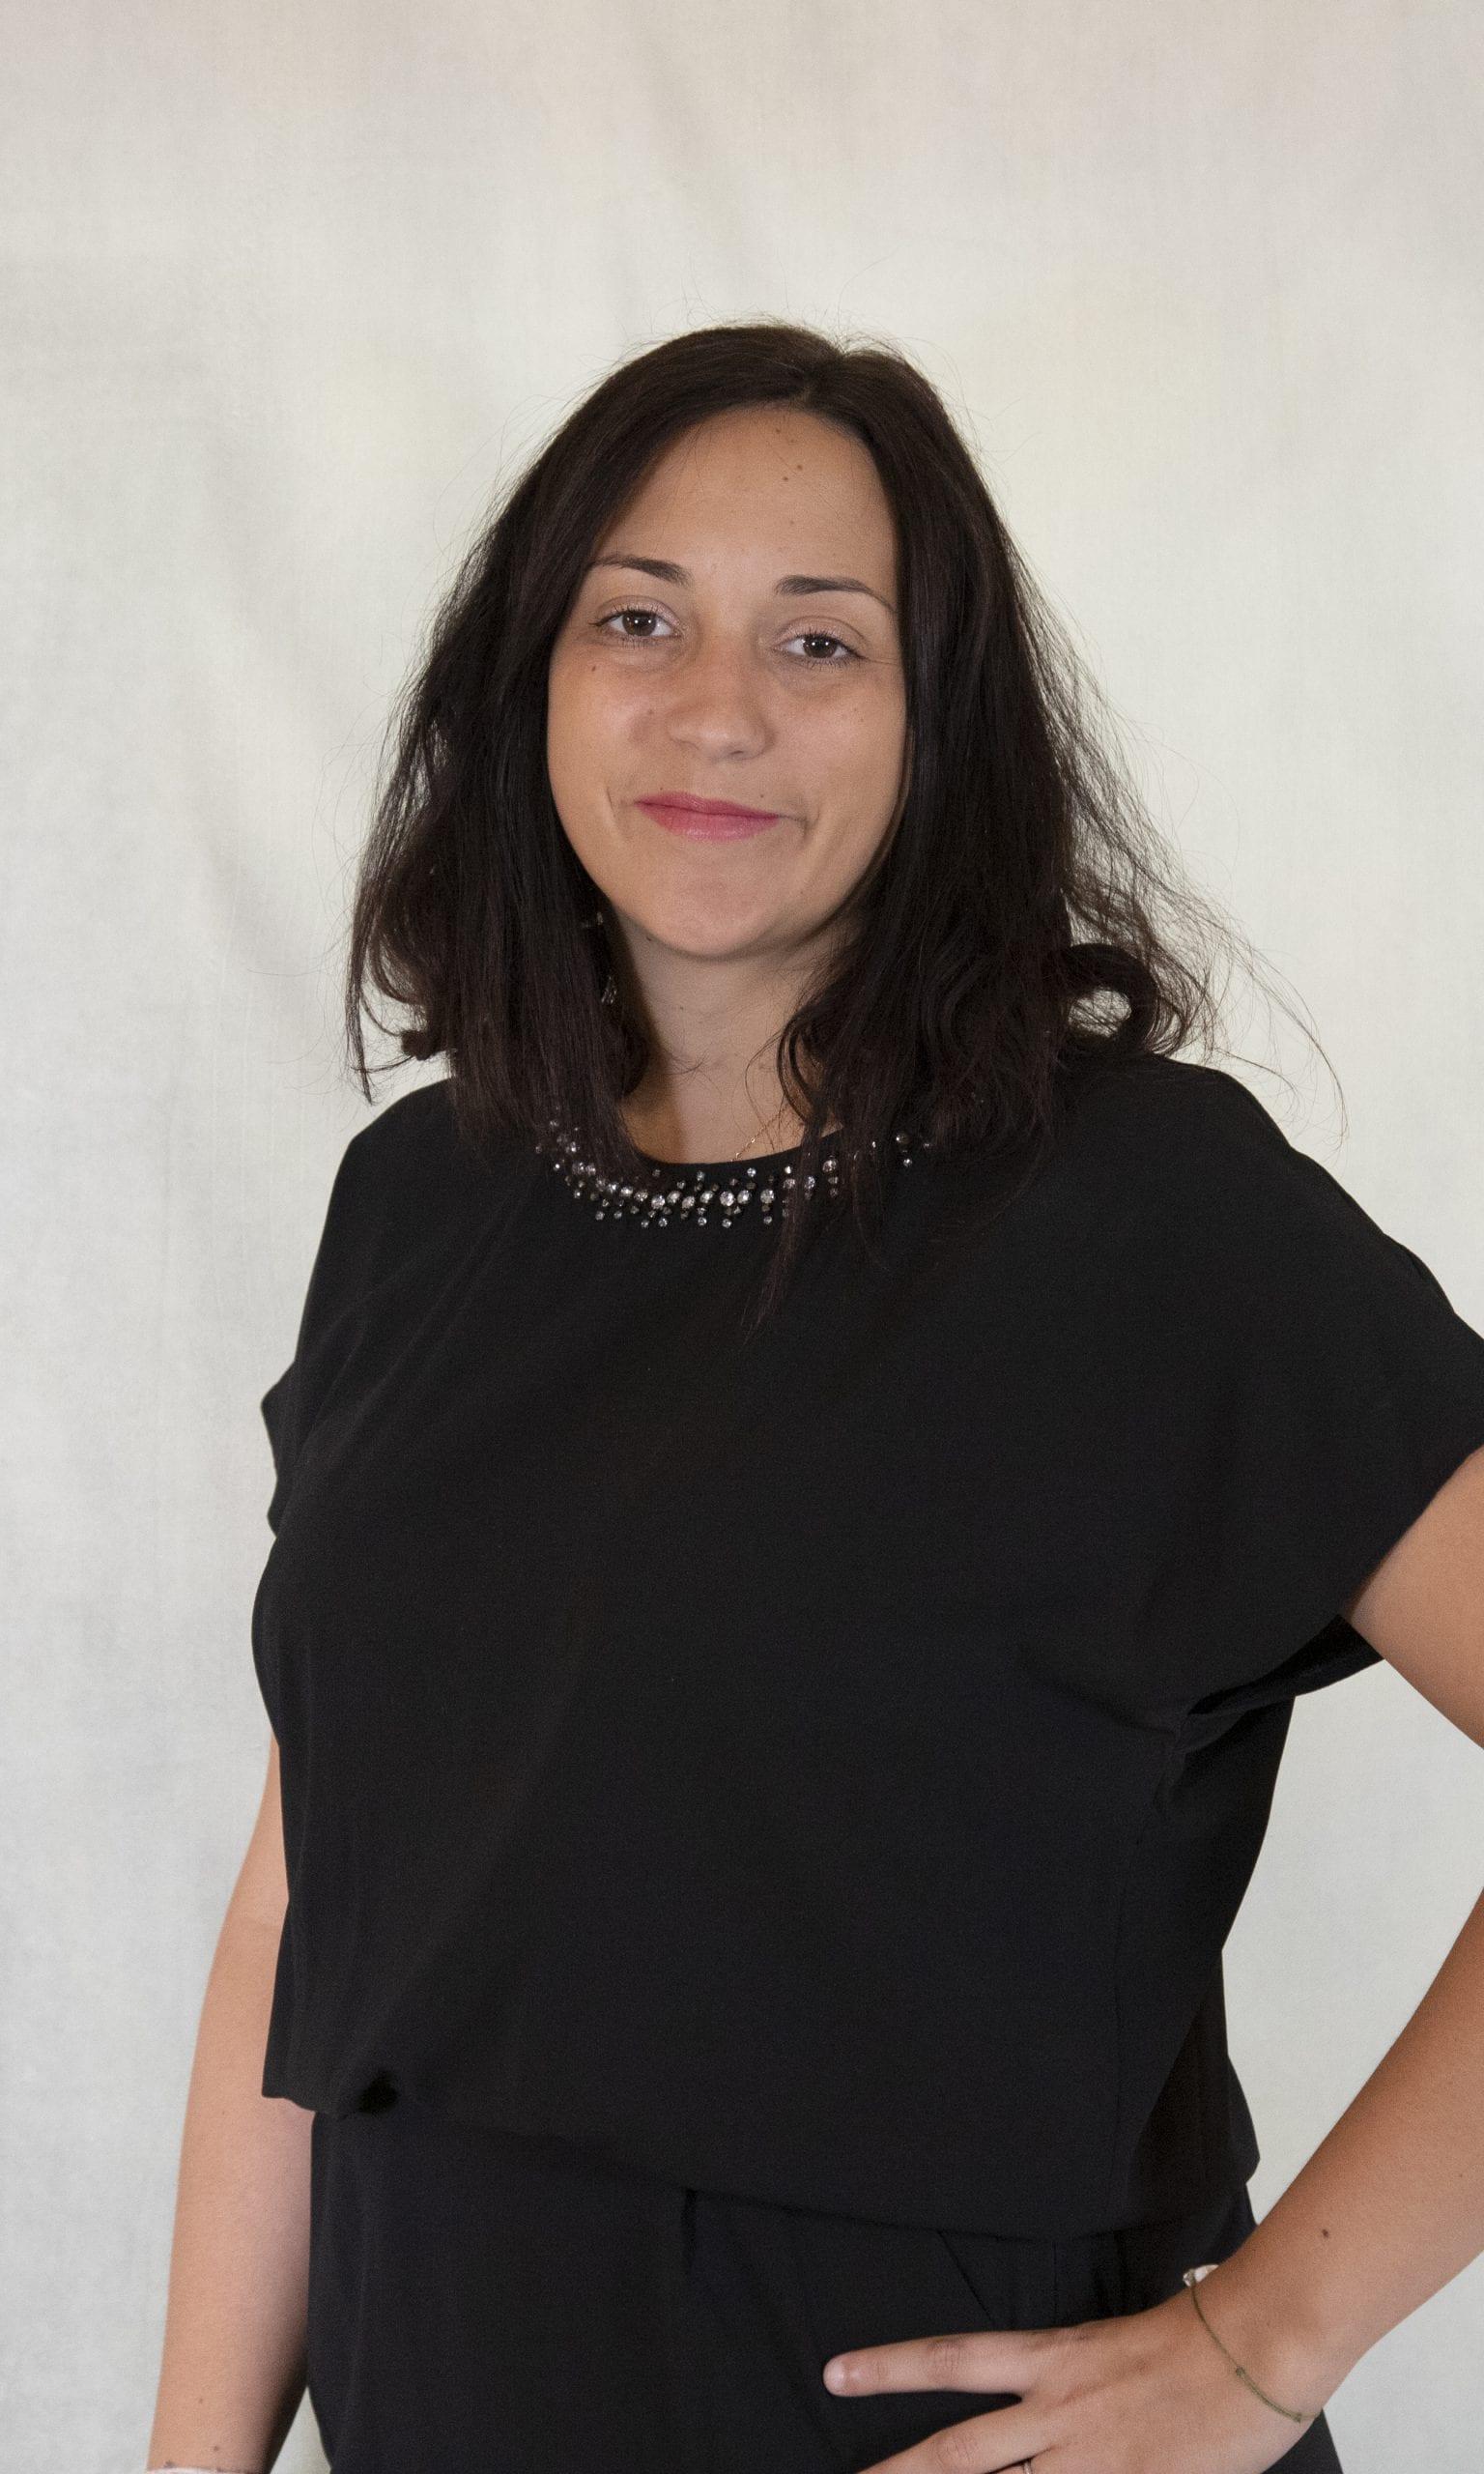 Marine Dal Bello